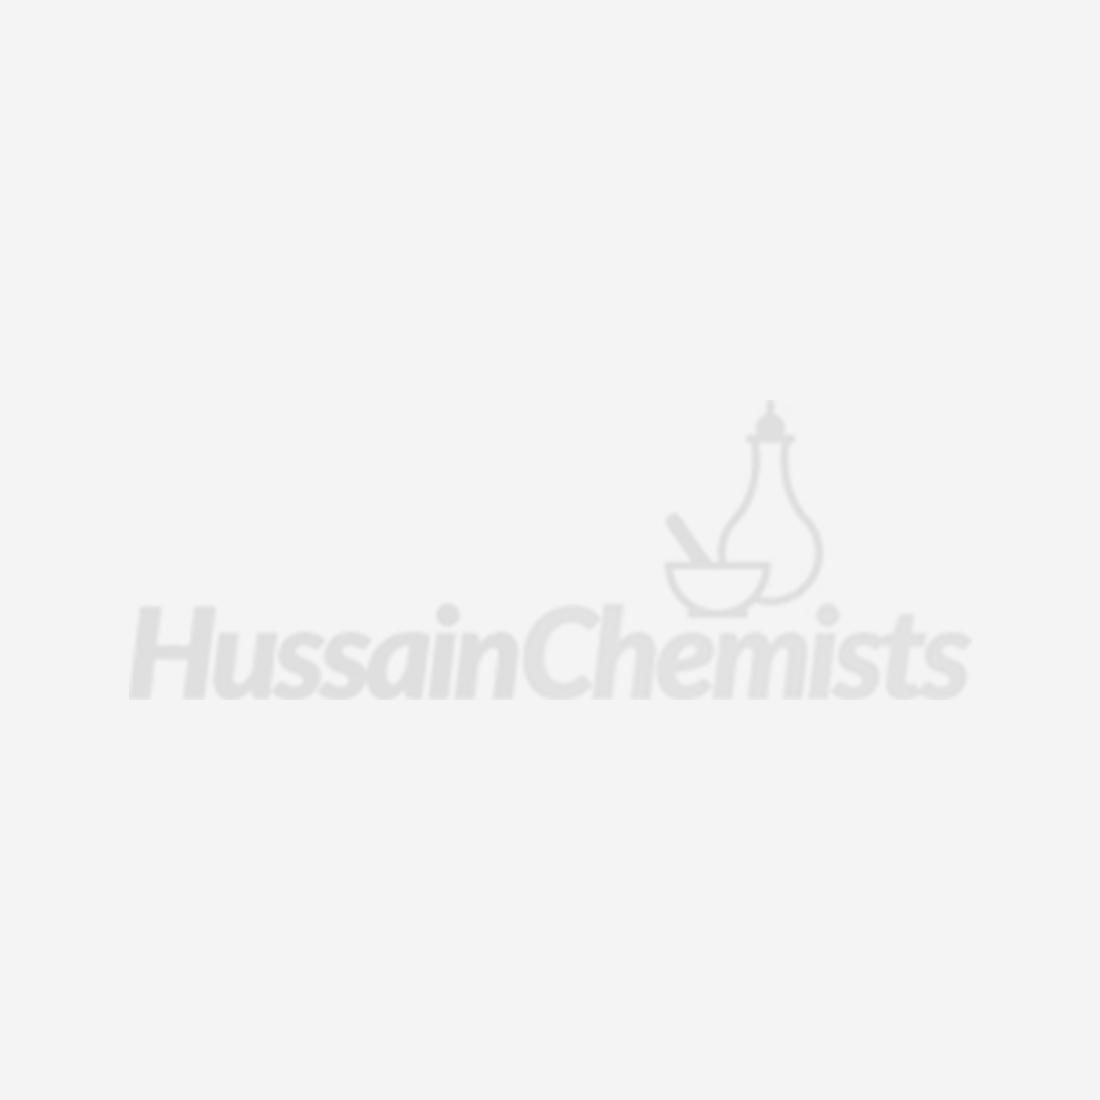 Canesten Oral & Cream Duo - 1 Capsule & 10g Cream